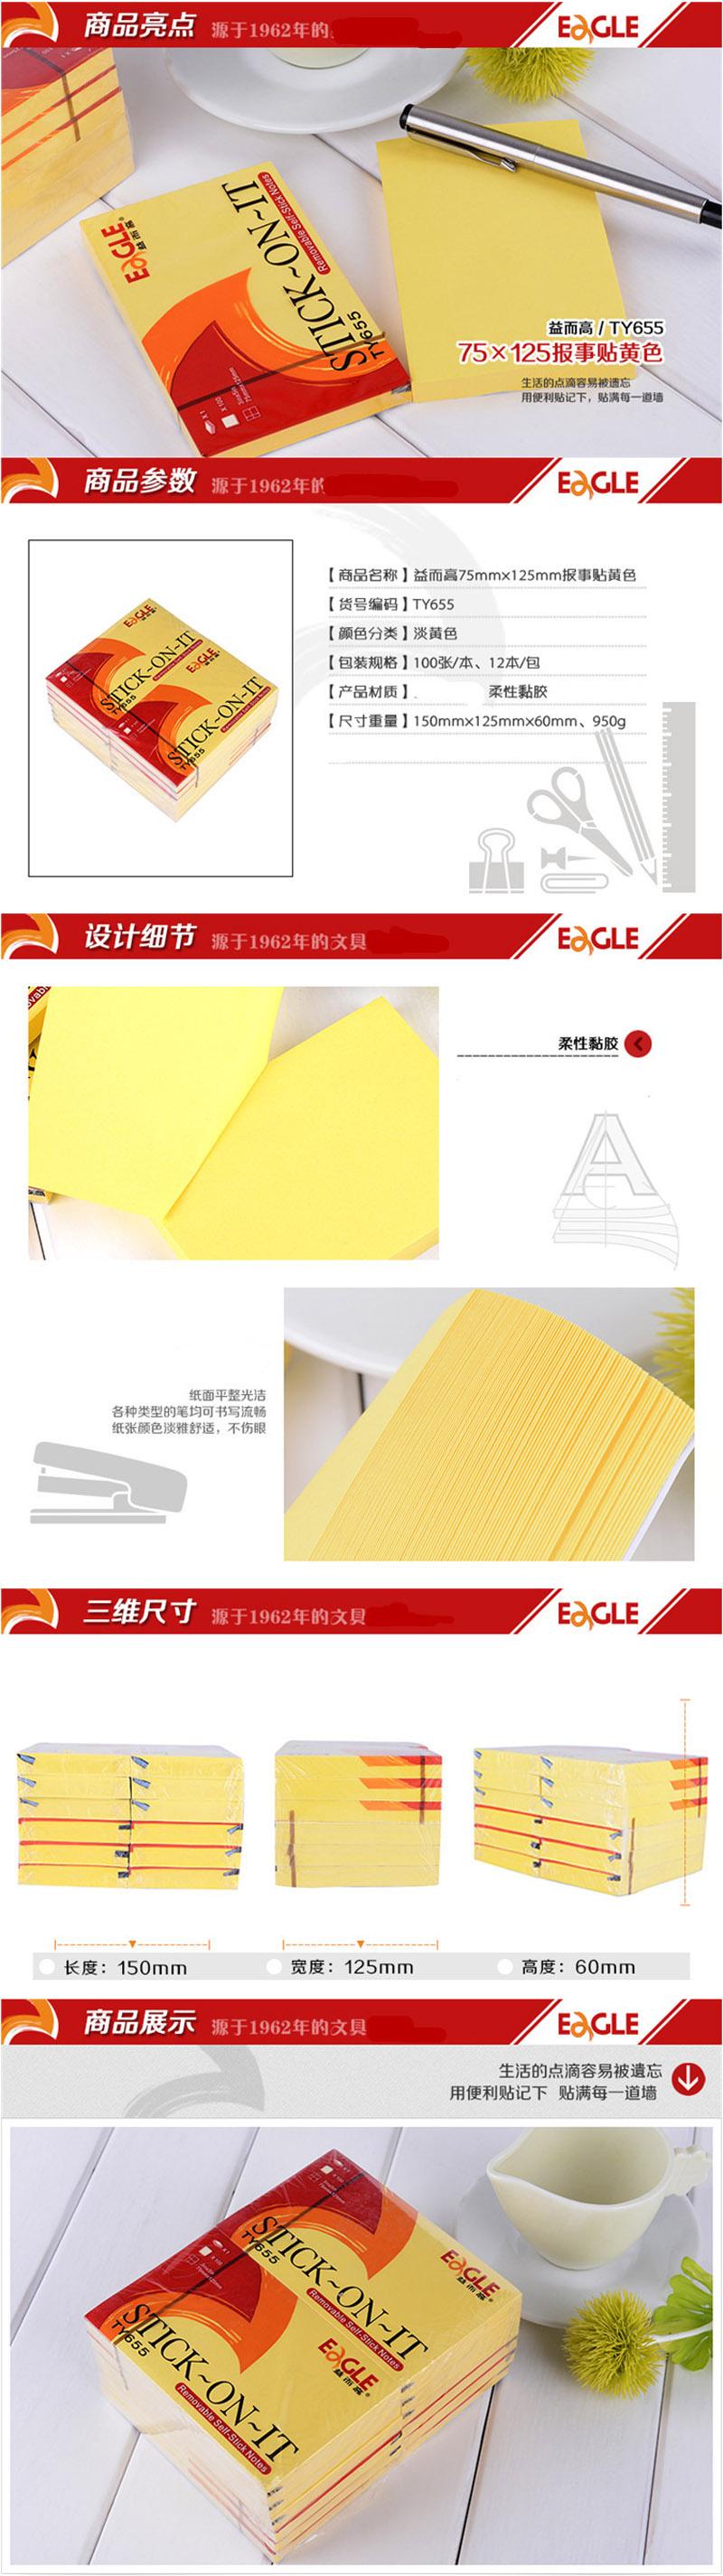 益而高(Eagle)黄色便利贴 TY655 纯色 百事贴 万事贴 告示贴 N次贴